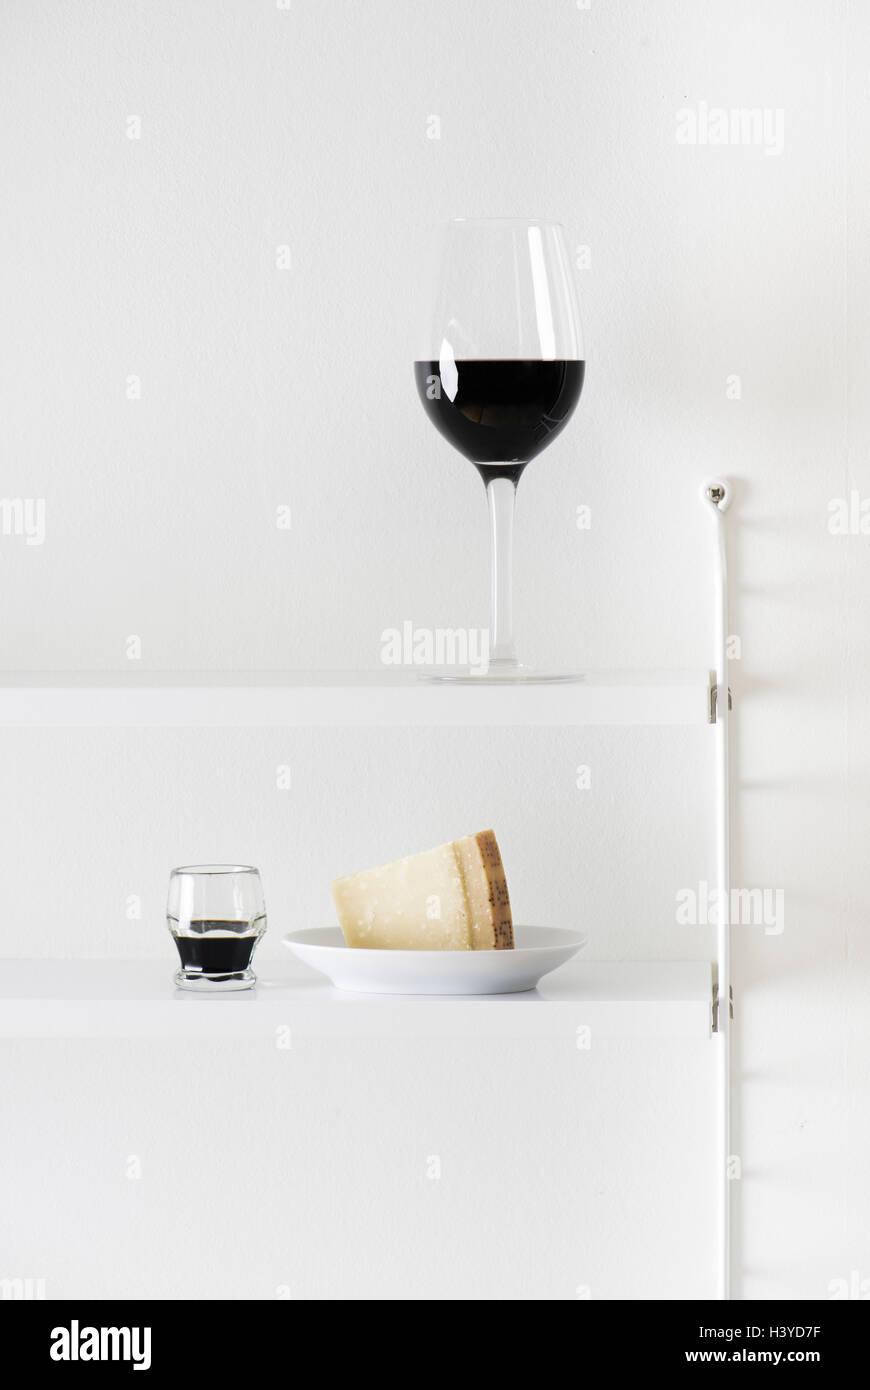 Vin rouge, fromage parmesan et vinaigre balsamique sur étagère. La vie toujours des aliments. Banque D'Images